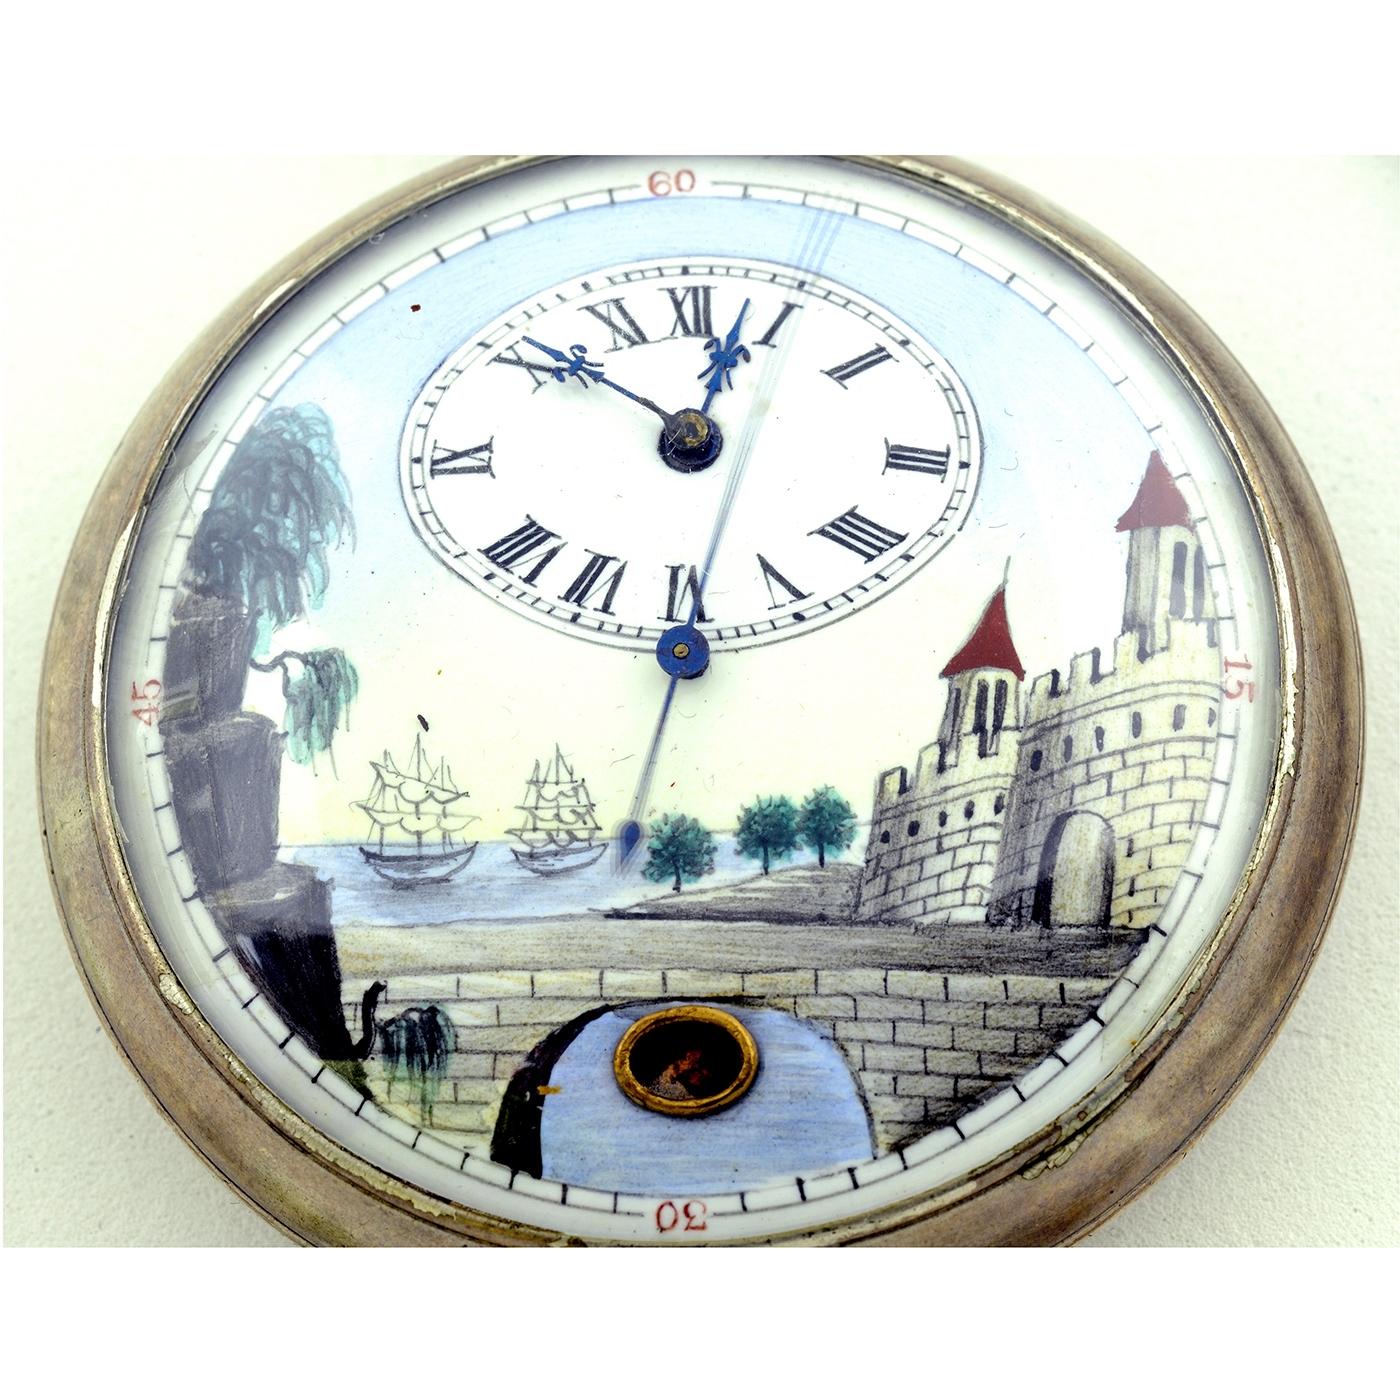 Reloj 1850 De DuplexCirca1810 Bolsillo Alta ColecciónChinesseEscape GUzMVpqS